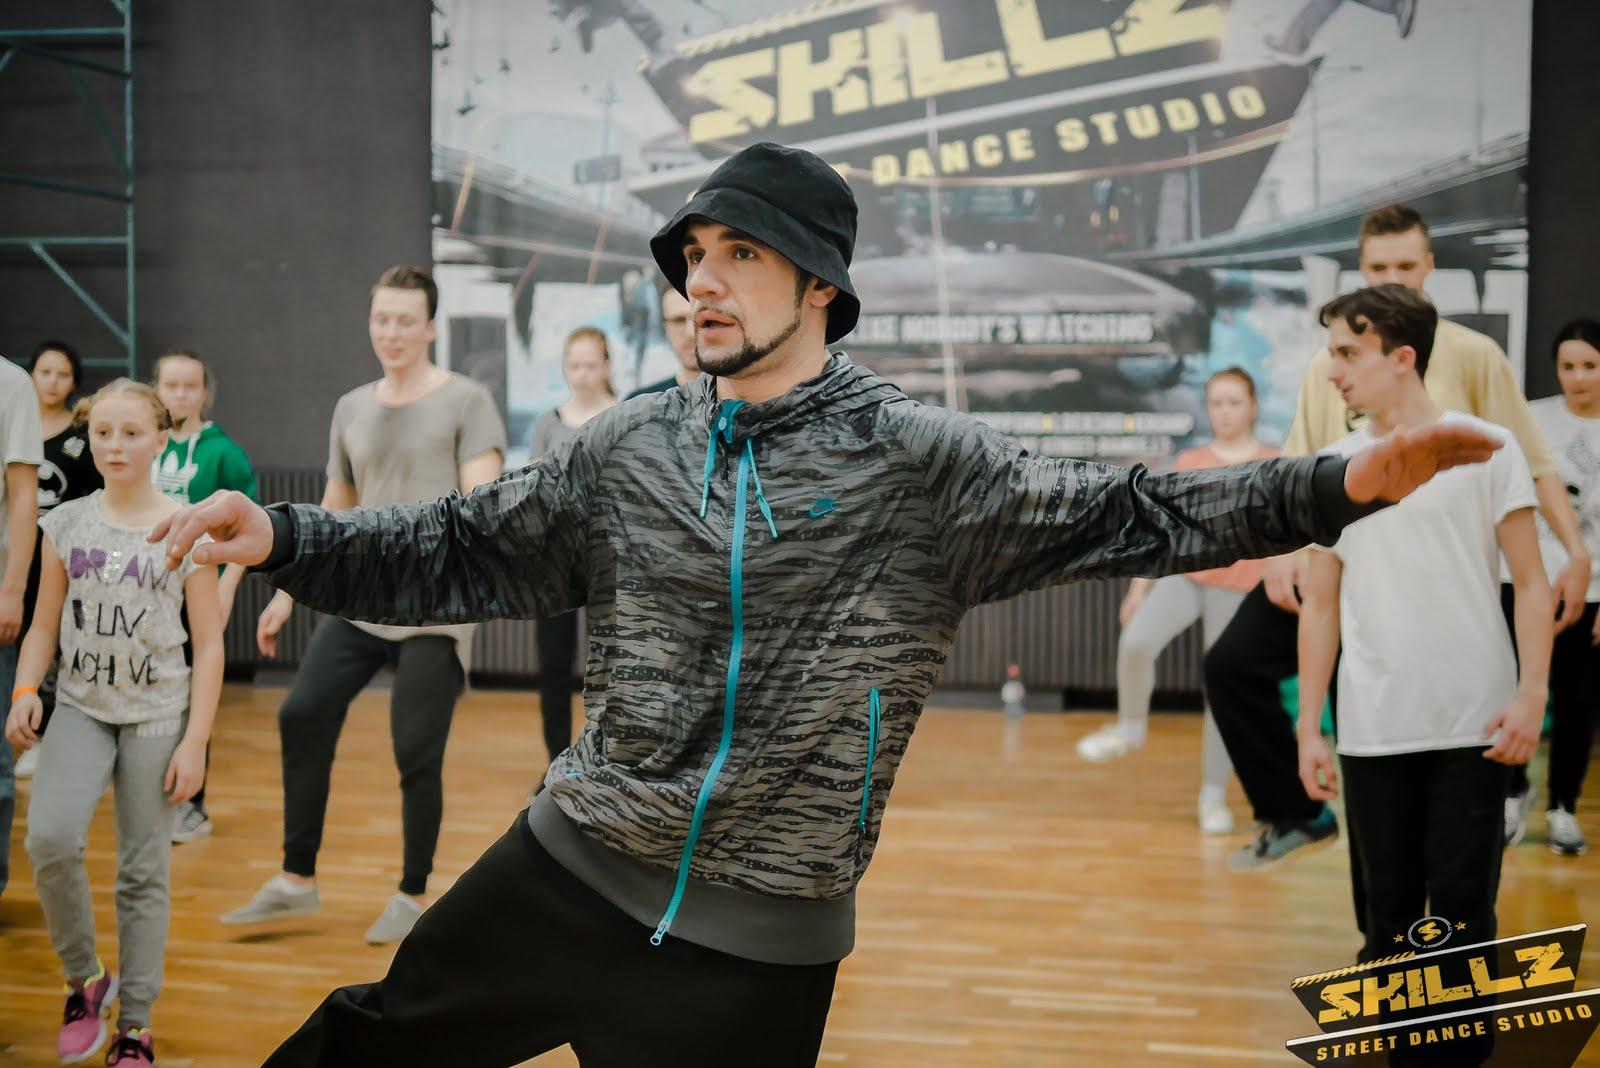 Hip hop seminaras su Jeka iš Maskvos - _1050167.jpg